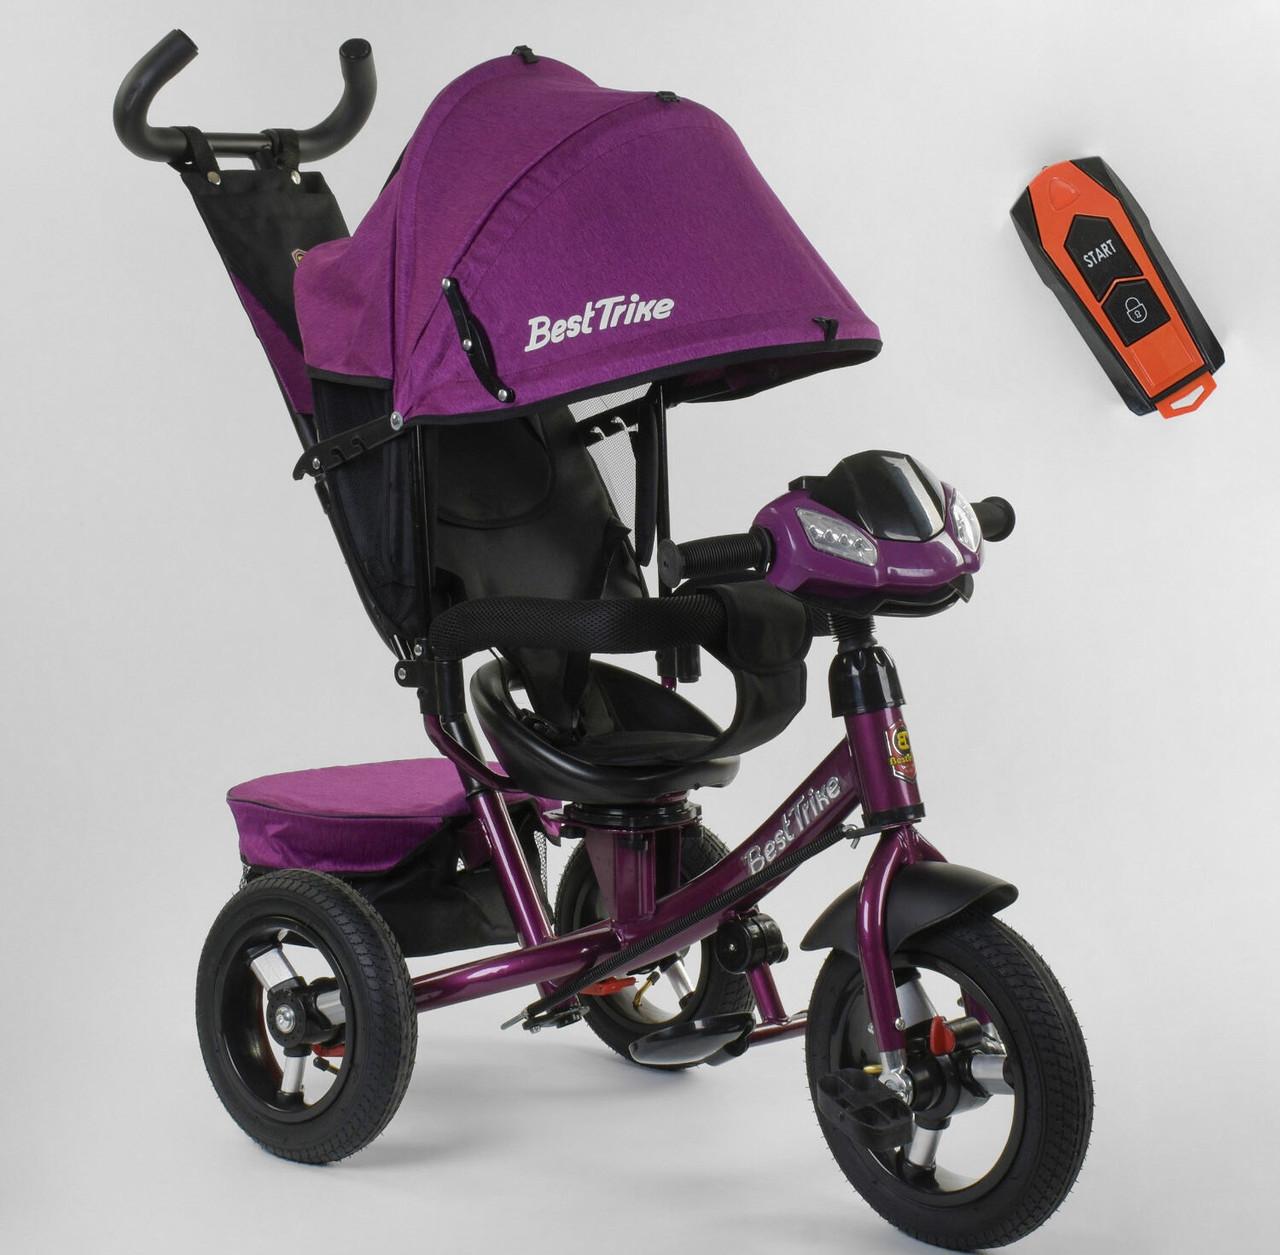 Велосипед 3-х колёсный 7700 В / 76-839 Best Trike фиолетовый 87784